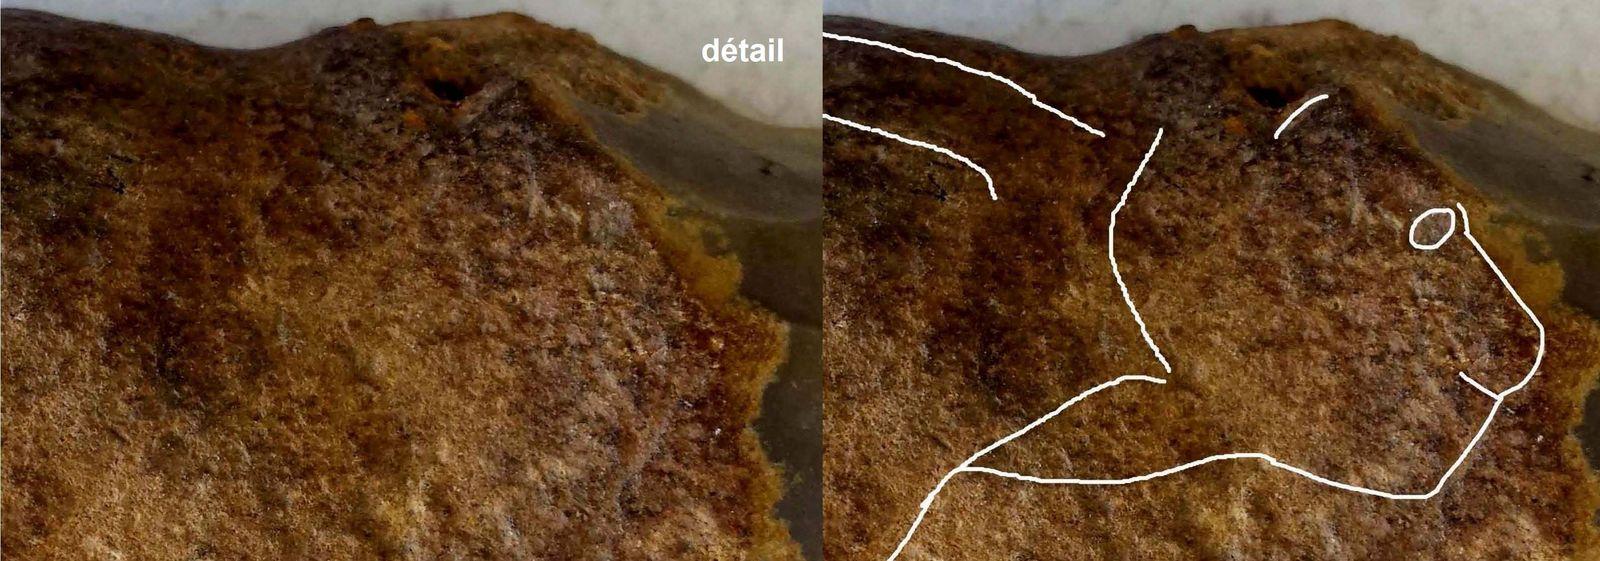 aurignacien, cortex gravé  lion felin - aurignacian feline  paleolithique, paleolithic